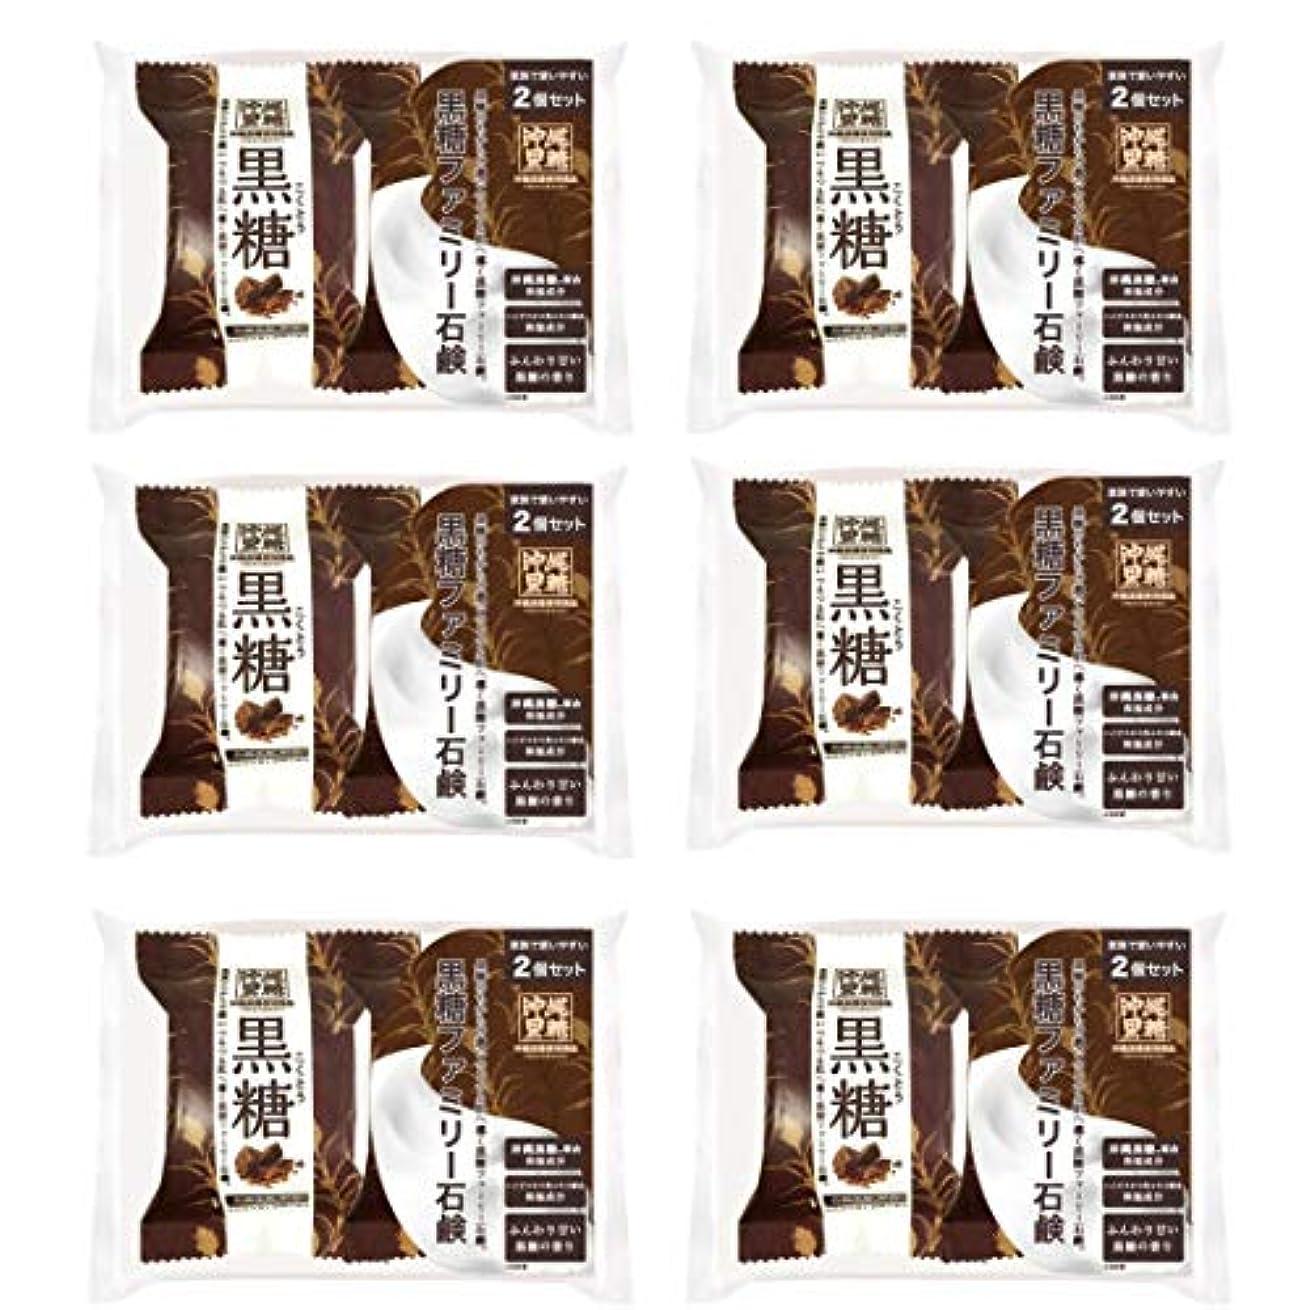 ドアミラー求人パン【6個セット】ペリカン石鹸 ファミリー黒糖石鹸 80g×2個